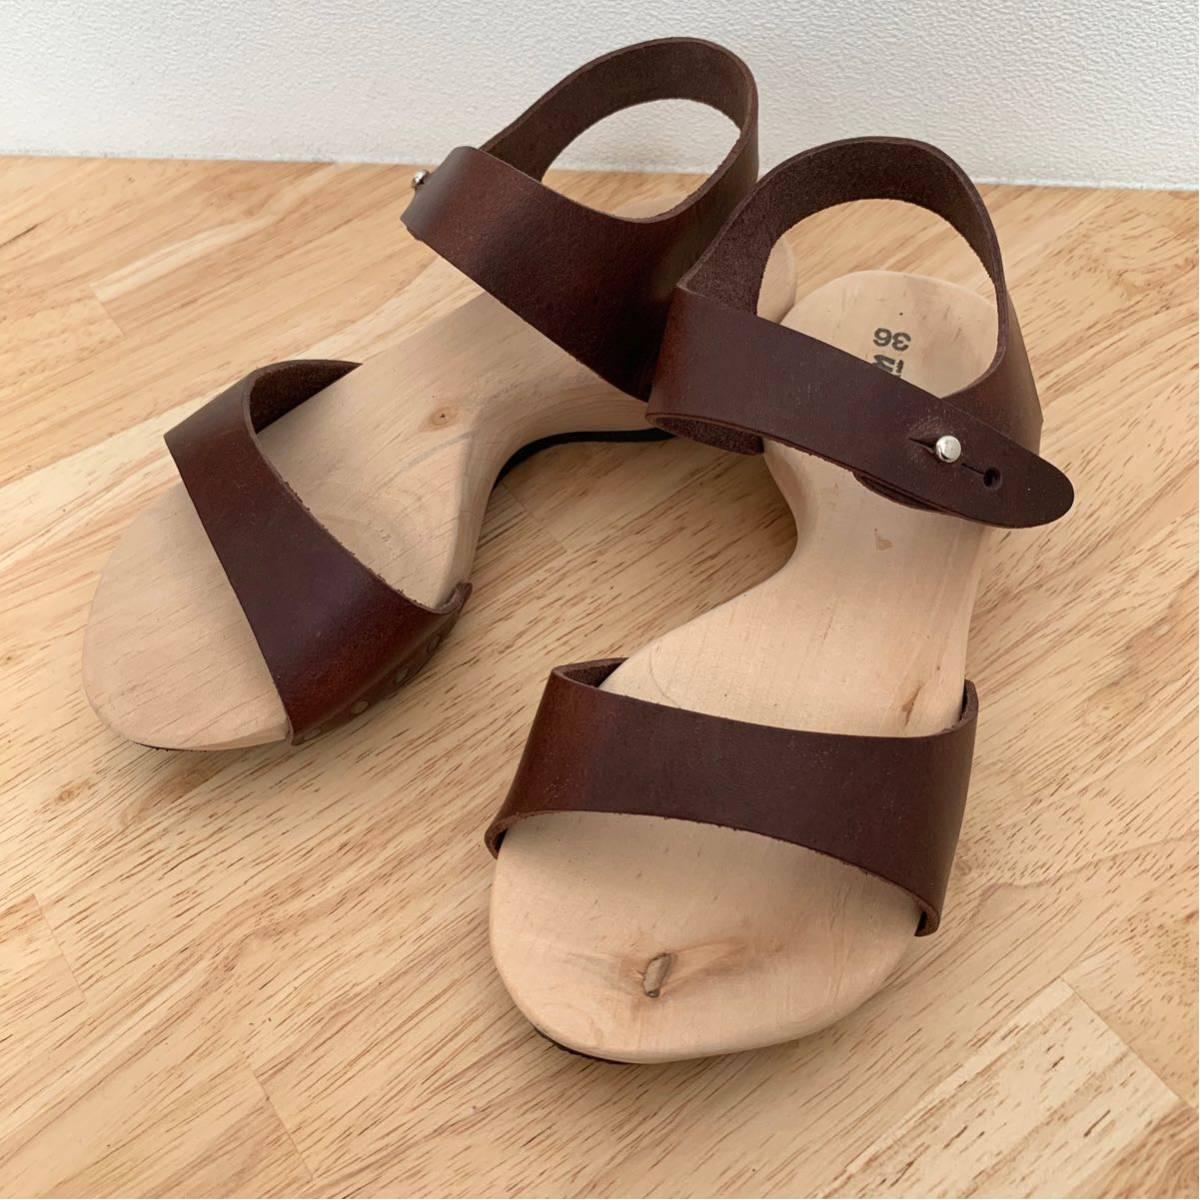 新品★trippen ウッド レザーサンダル joy ブラウン 36 ジョイ 茶色 トリッペン 靴 ドイツ_画像2